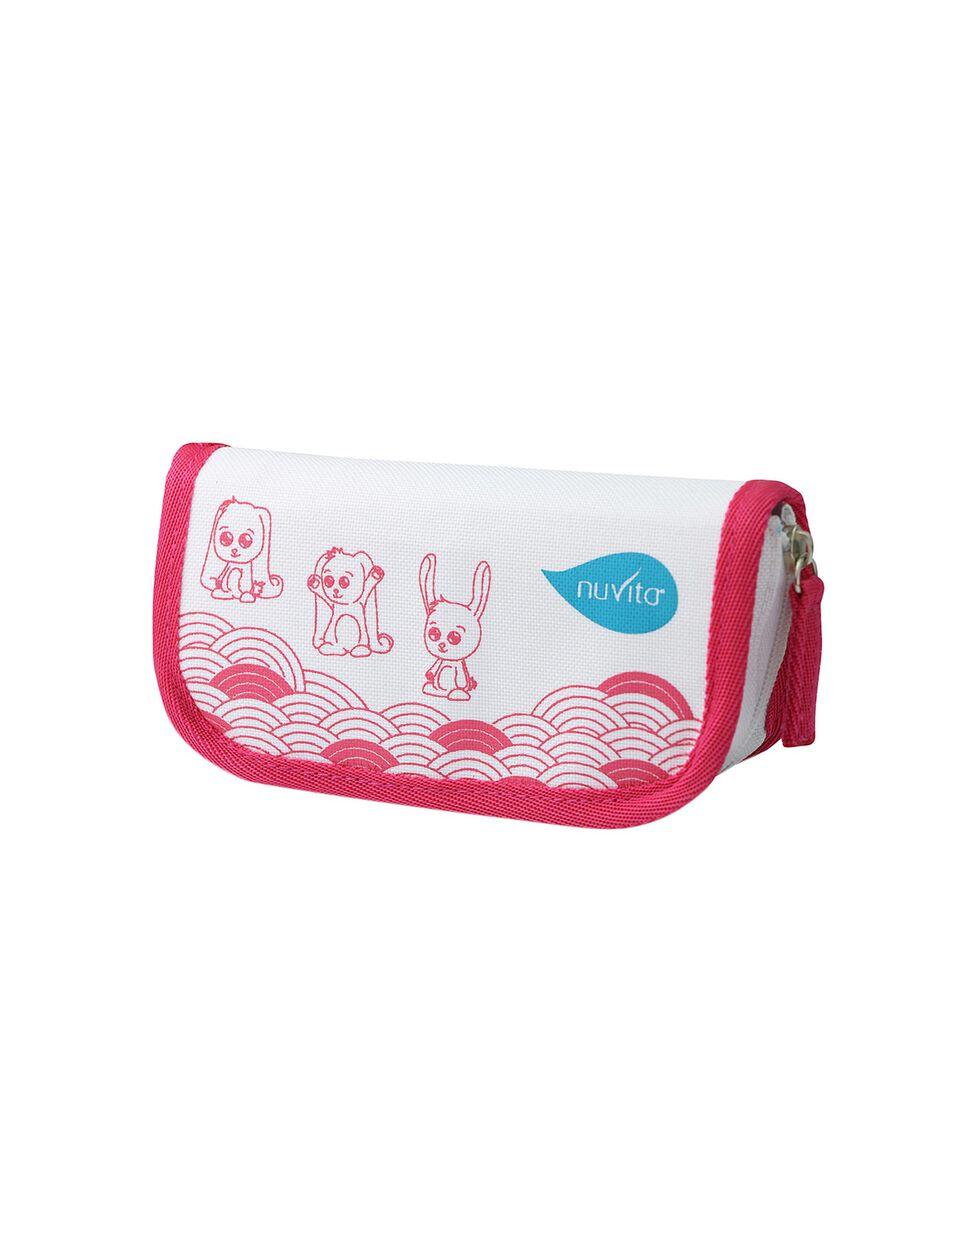 Kit Higiene Bebé Nuvita